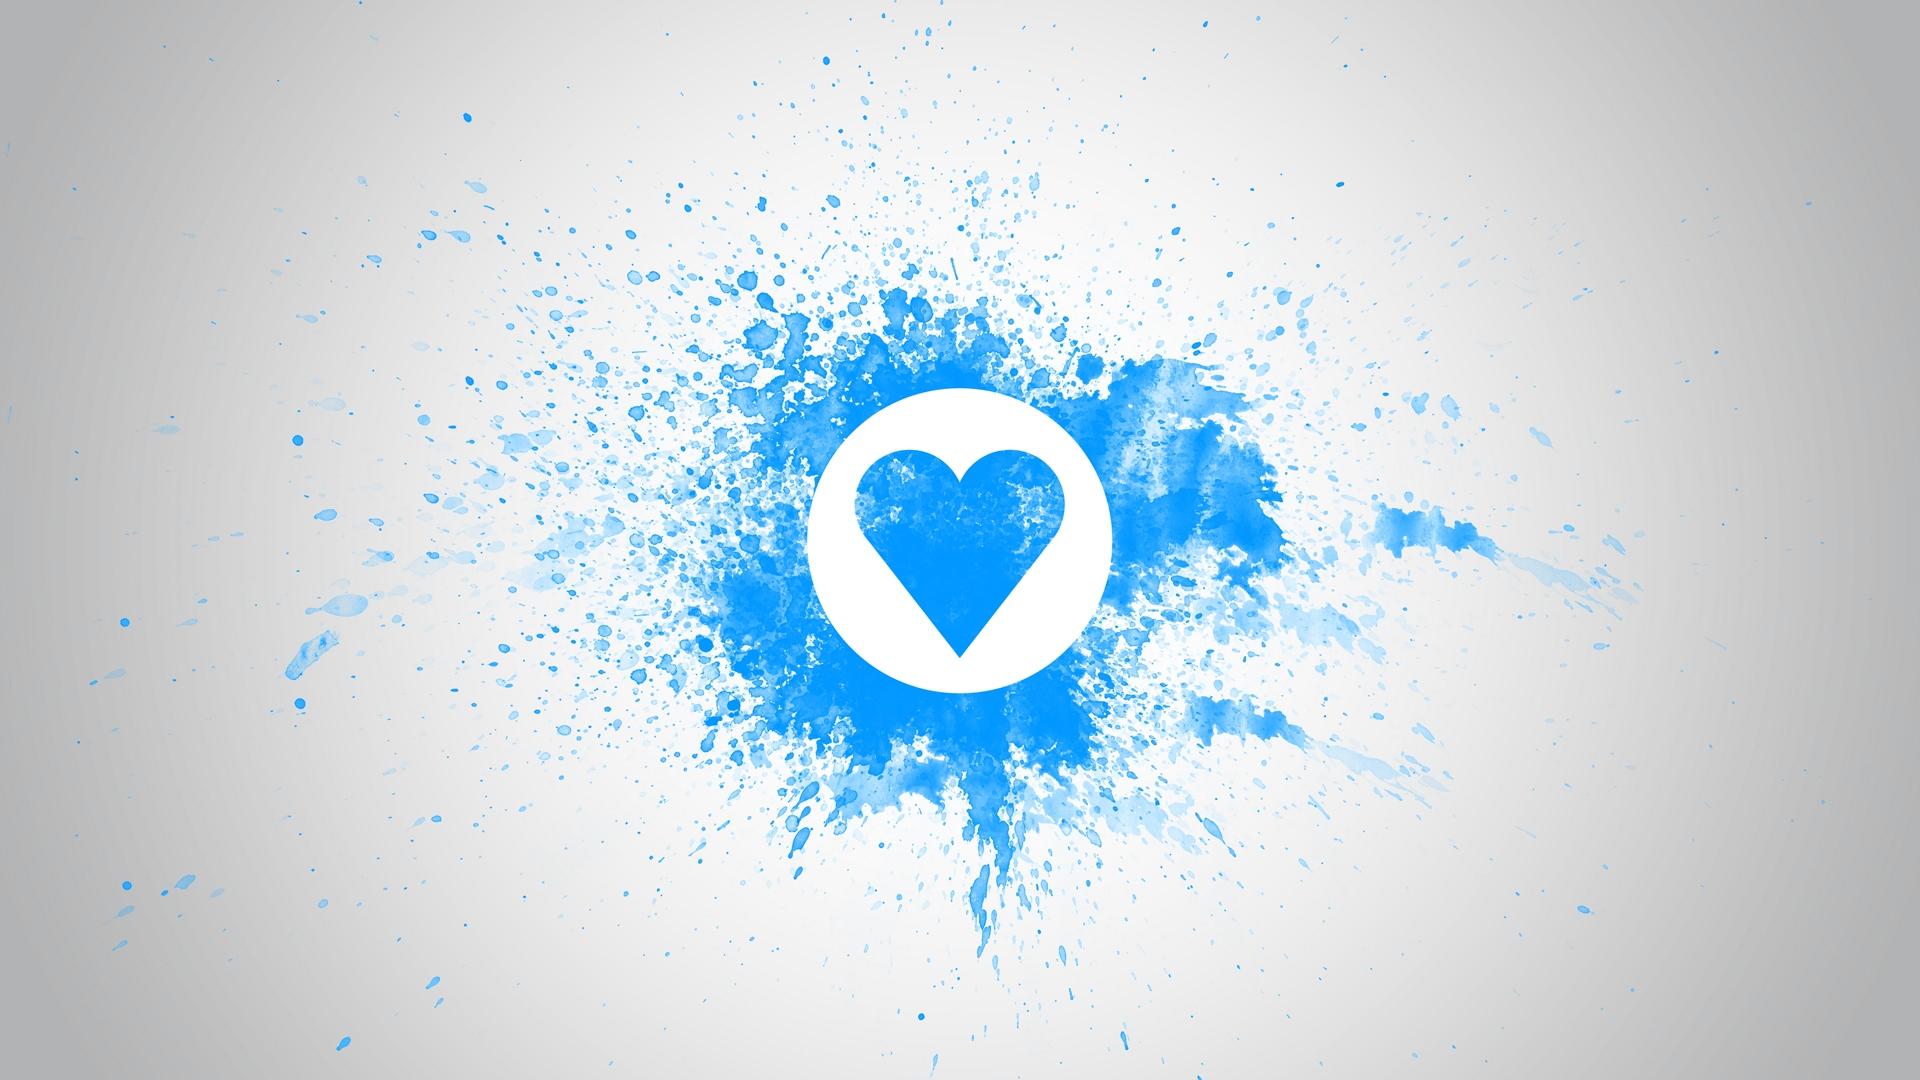 Download Wallpaper Love Blue - drawing_on_wall_chalk_blue_white_heart_love_feelings_11052_1920x1080  HD_162164.jpg